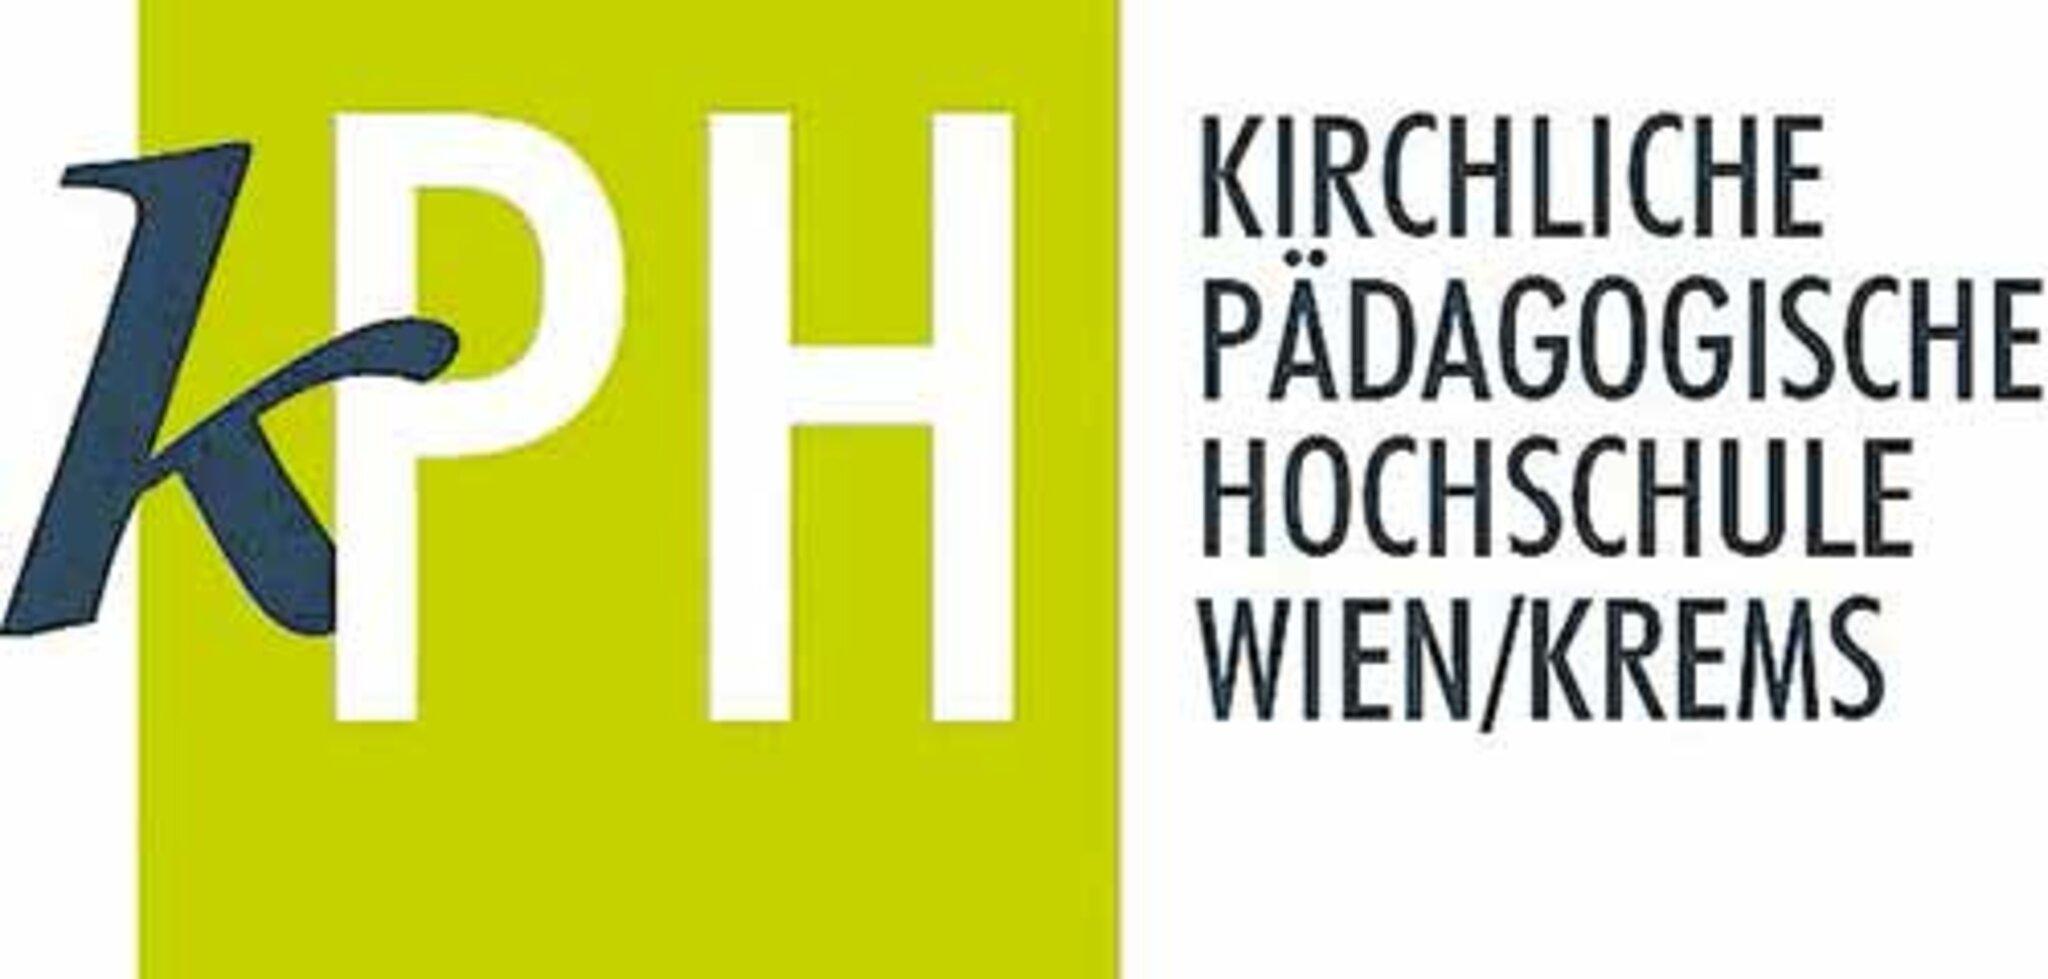 KPH Wien/Krems.